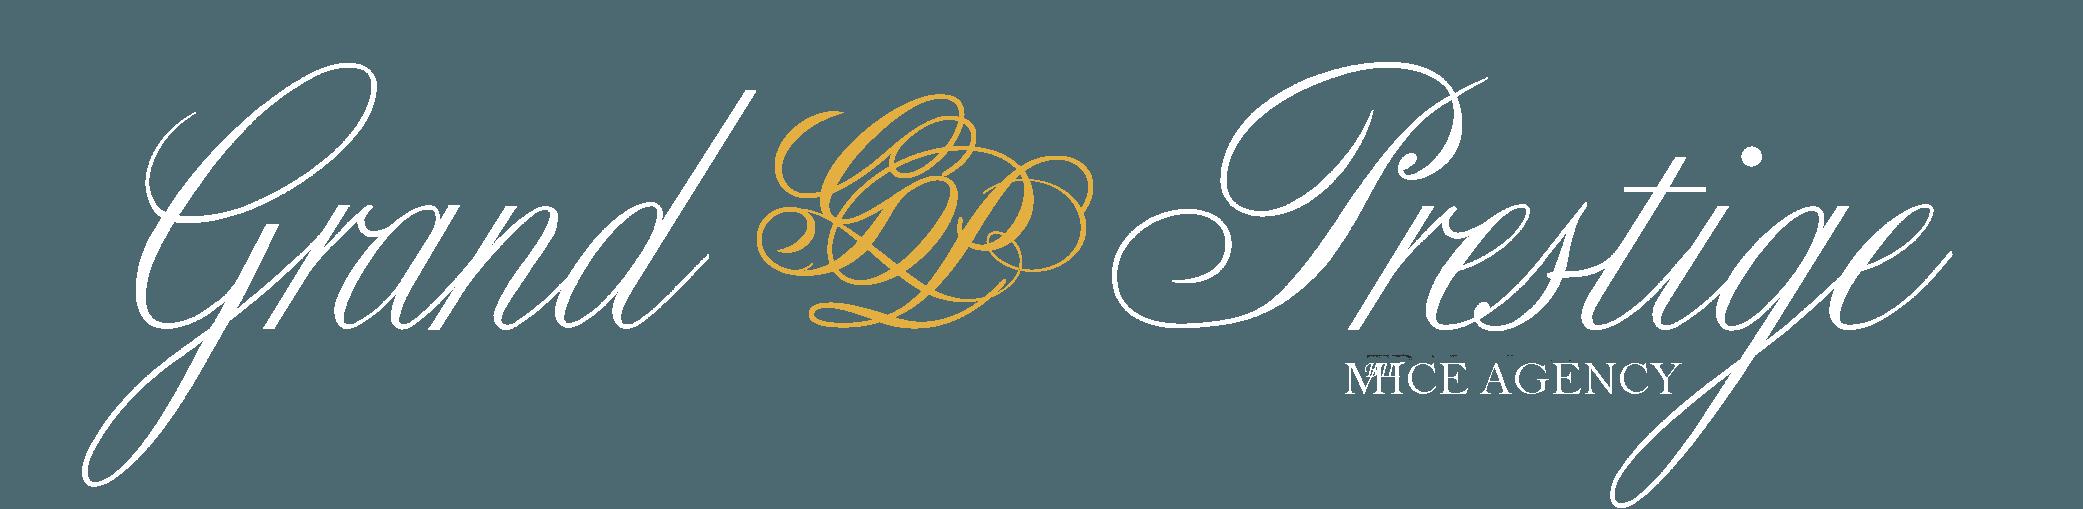 Организация деловых и развлекательных мероприятий - Grand Prestige MICE